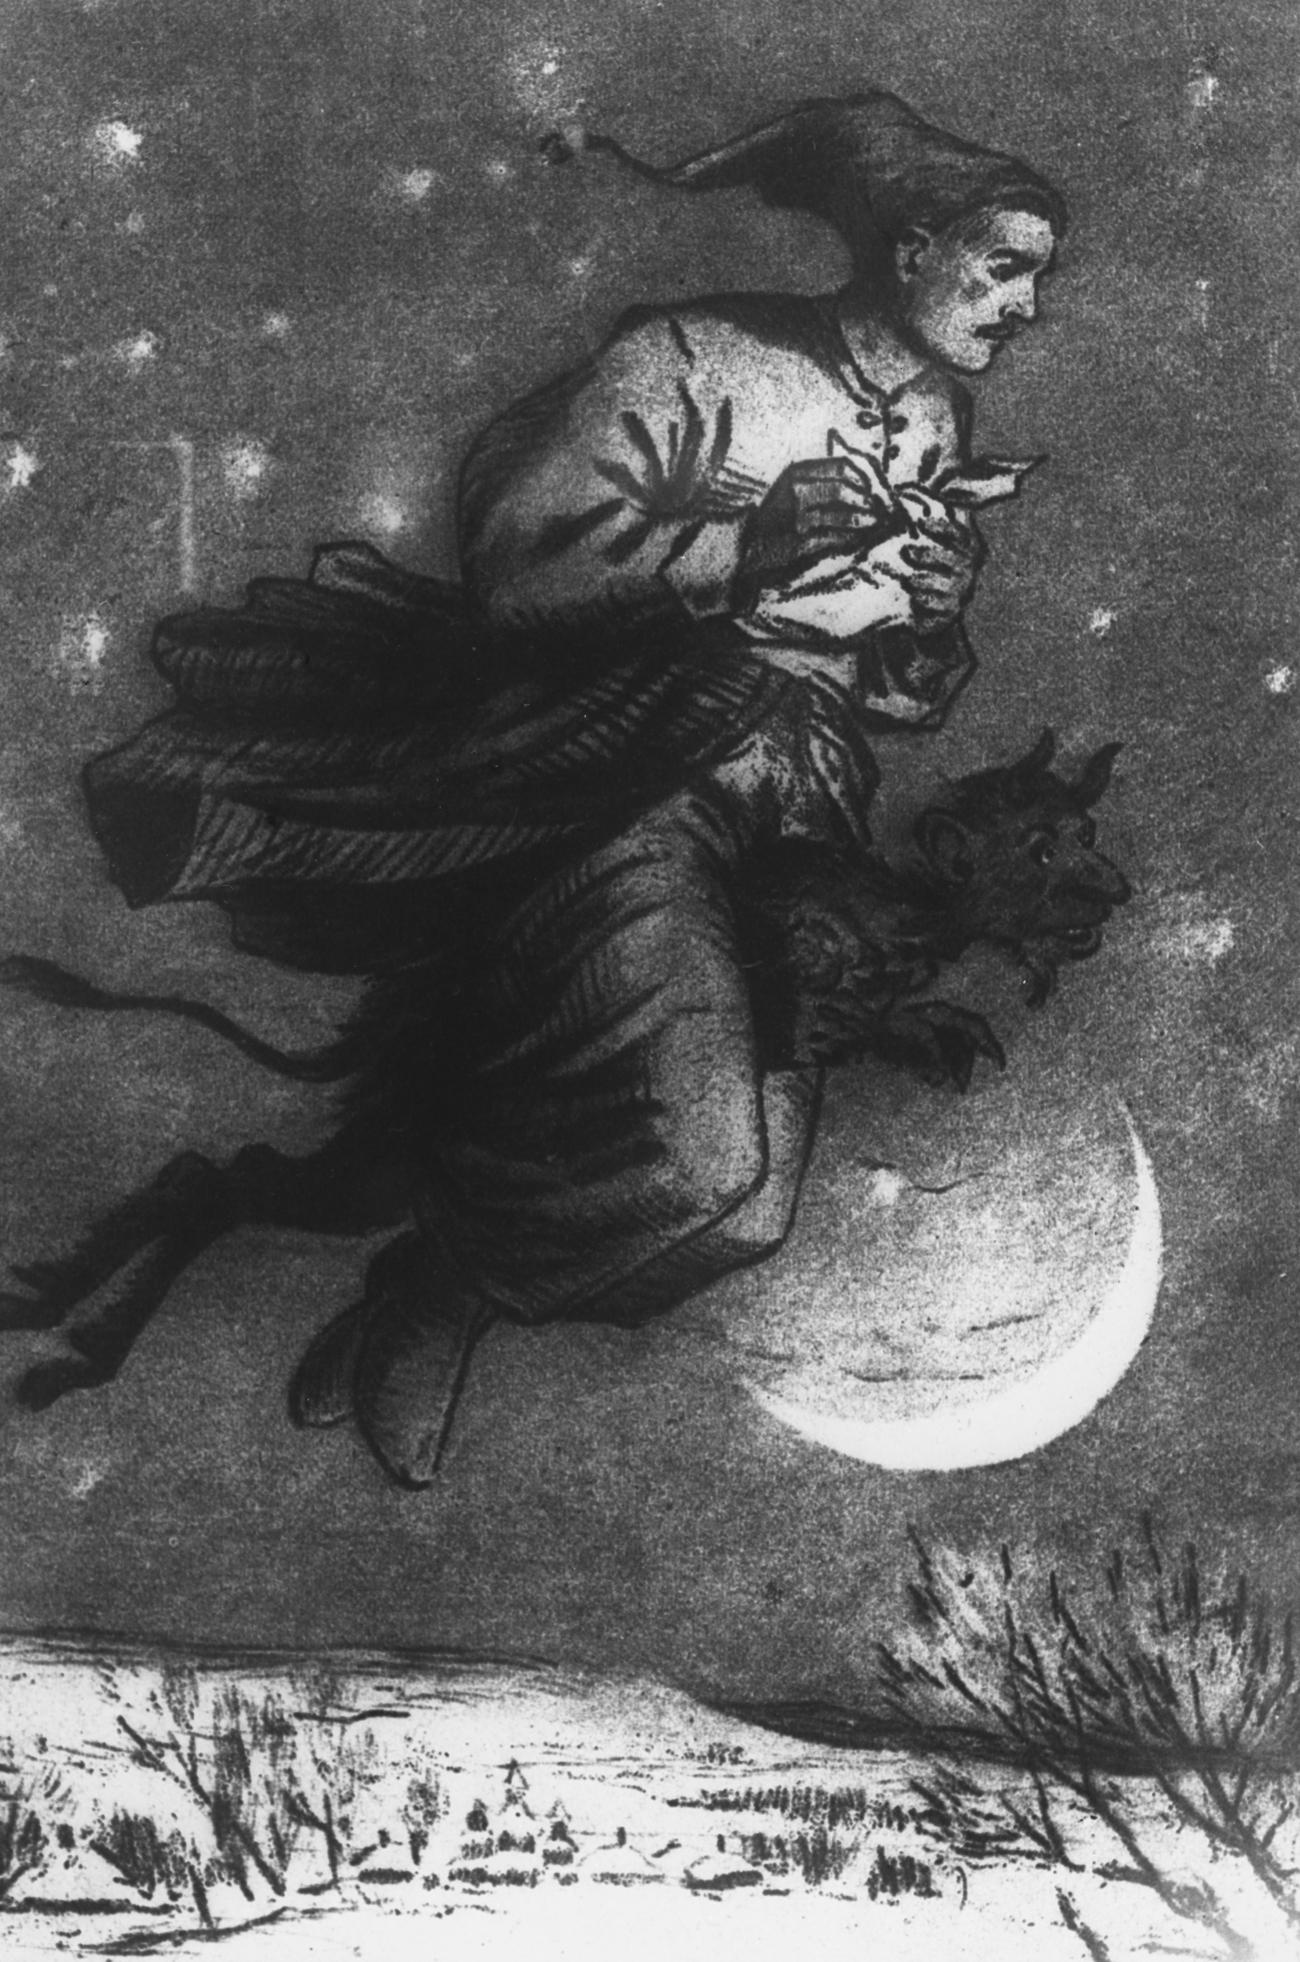 ゴーゴリ、『降誕祭の前夜』挿絵=ドミトリー・チェルノフ/タス通信